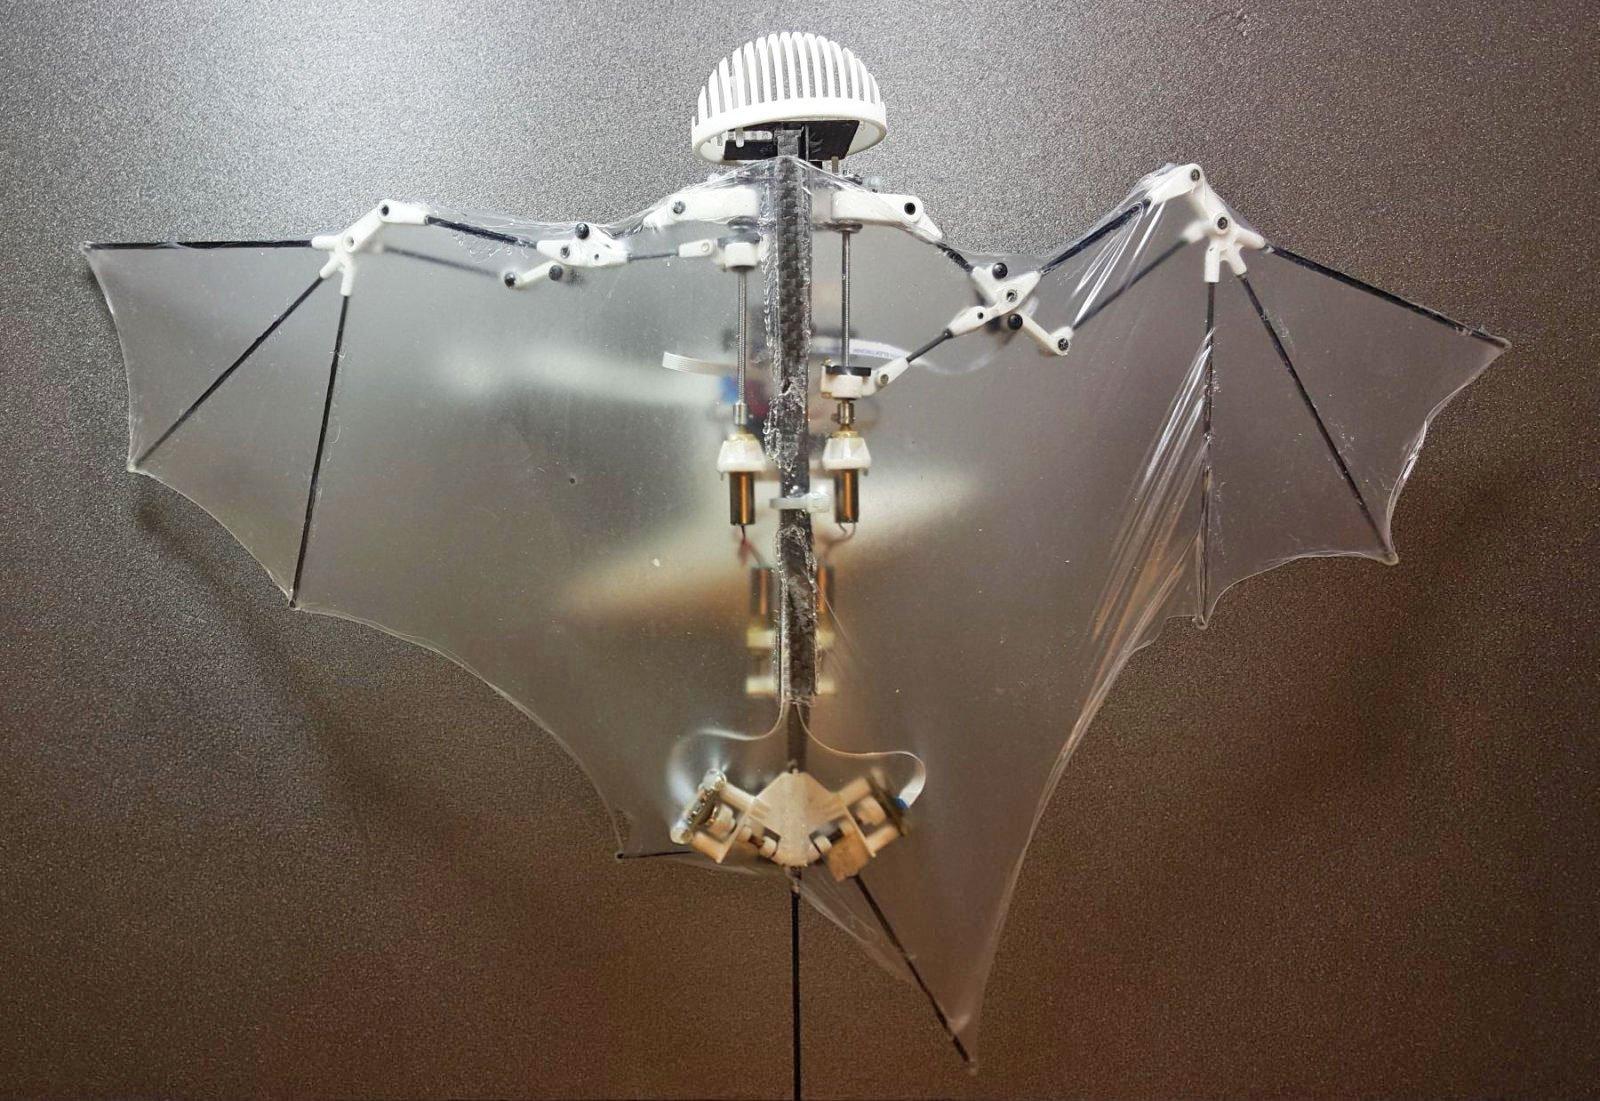 В Caltech создали робота-летучую мышь - 1